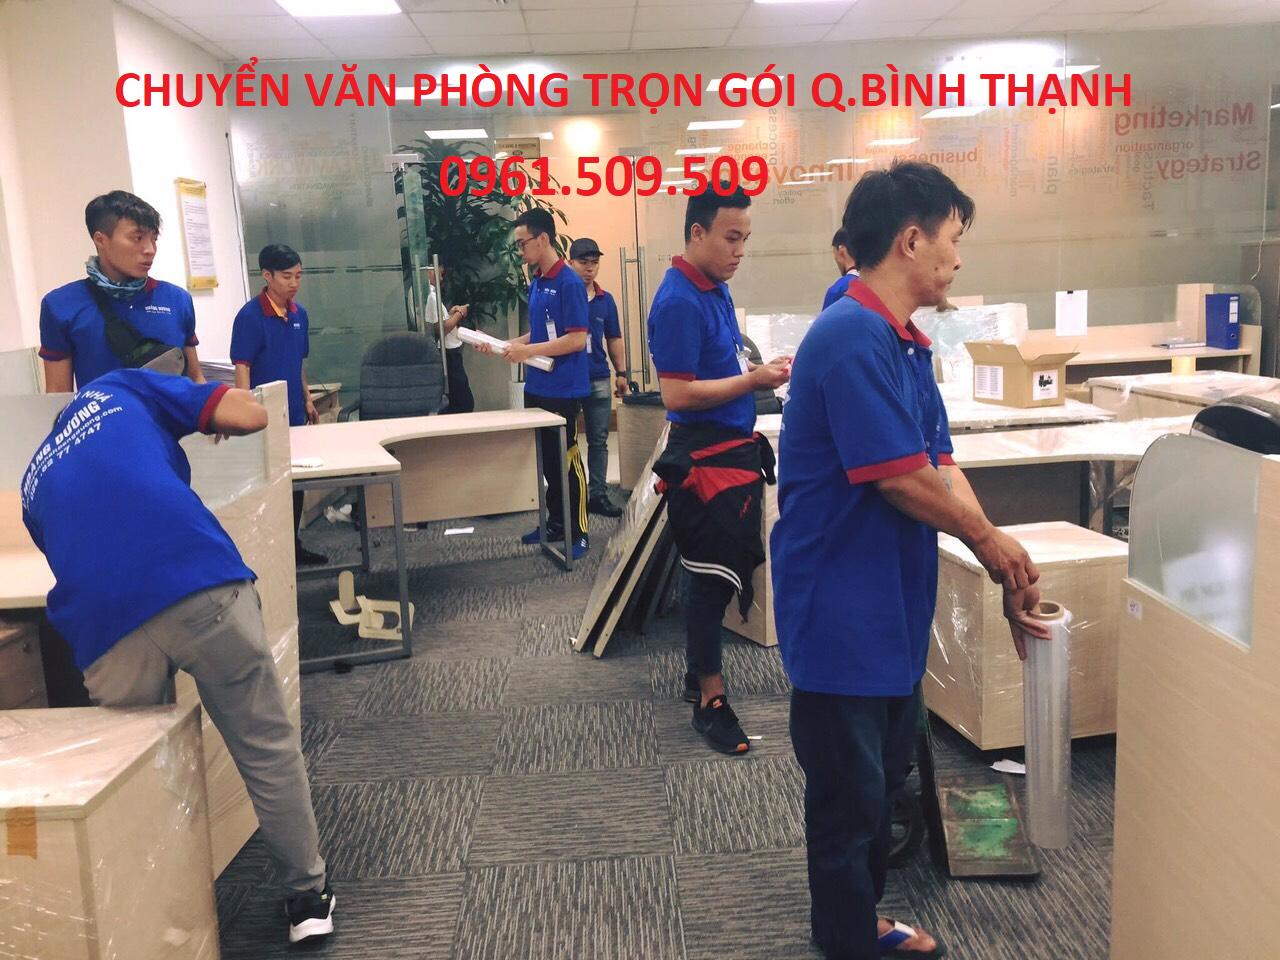 chuyển văn phòng trọn gói quận Bình Thạnh